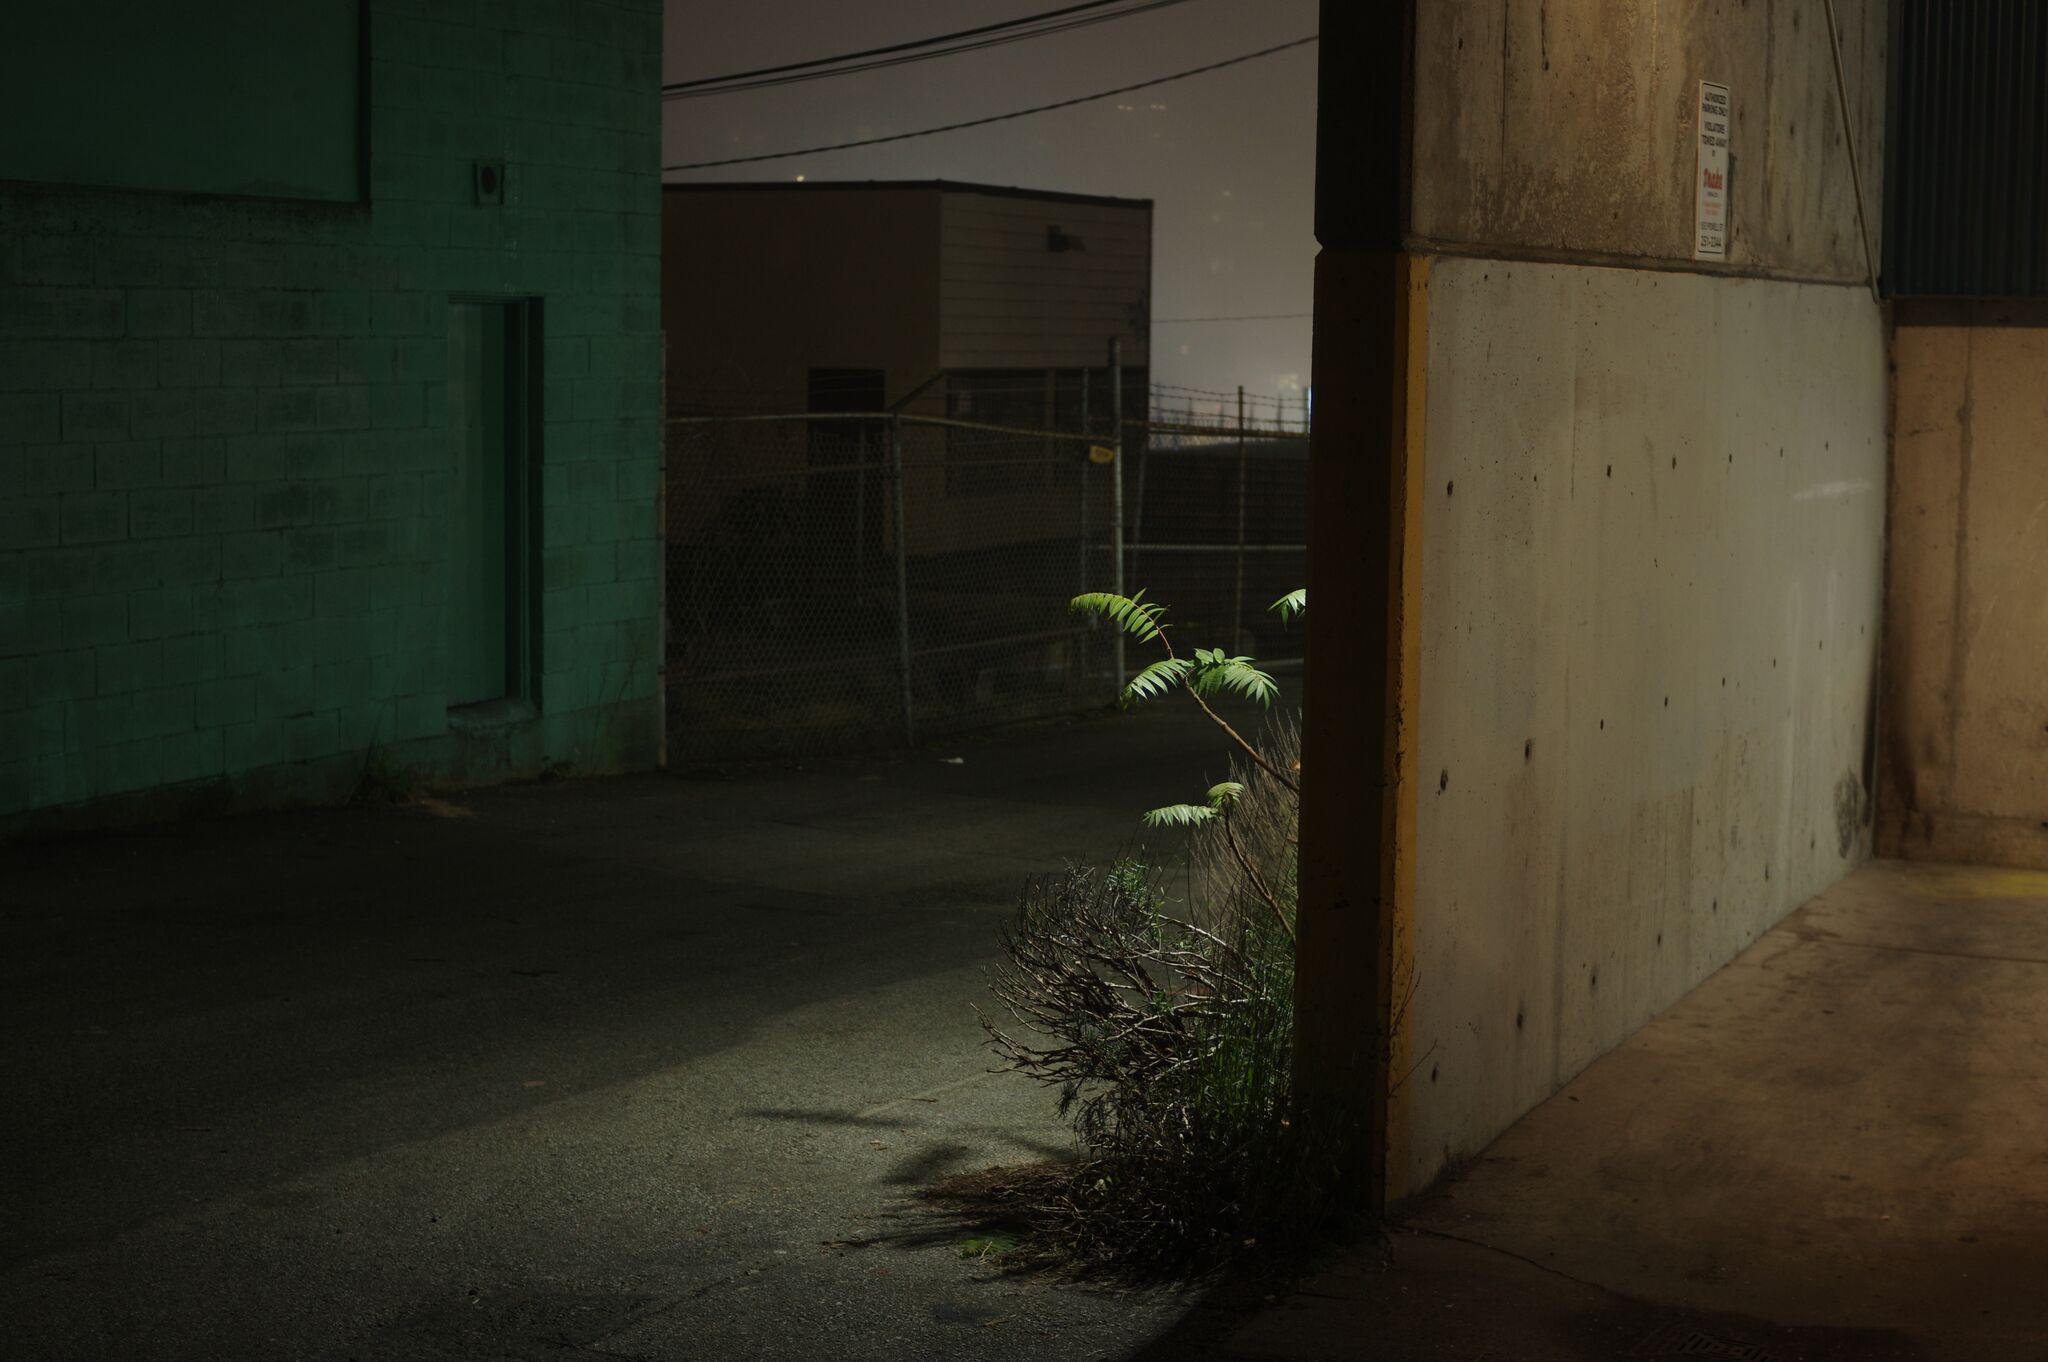 Alley Plant, 2018. Technique: Digital long exposure.